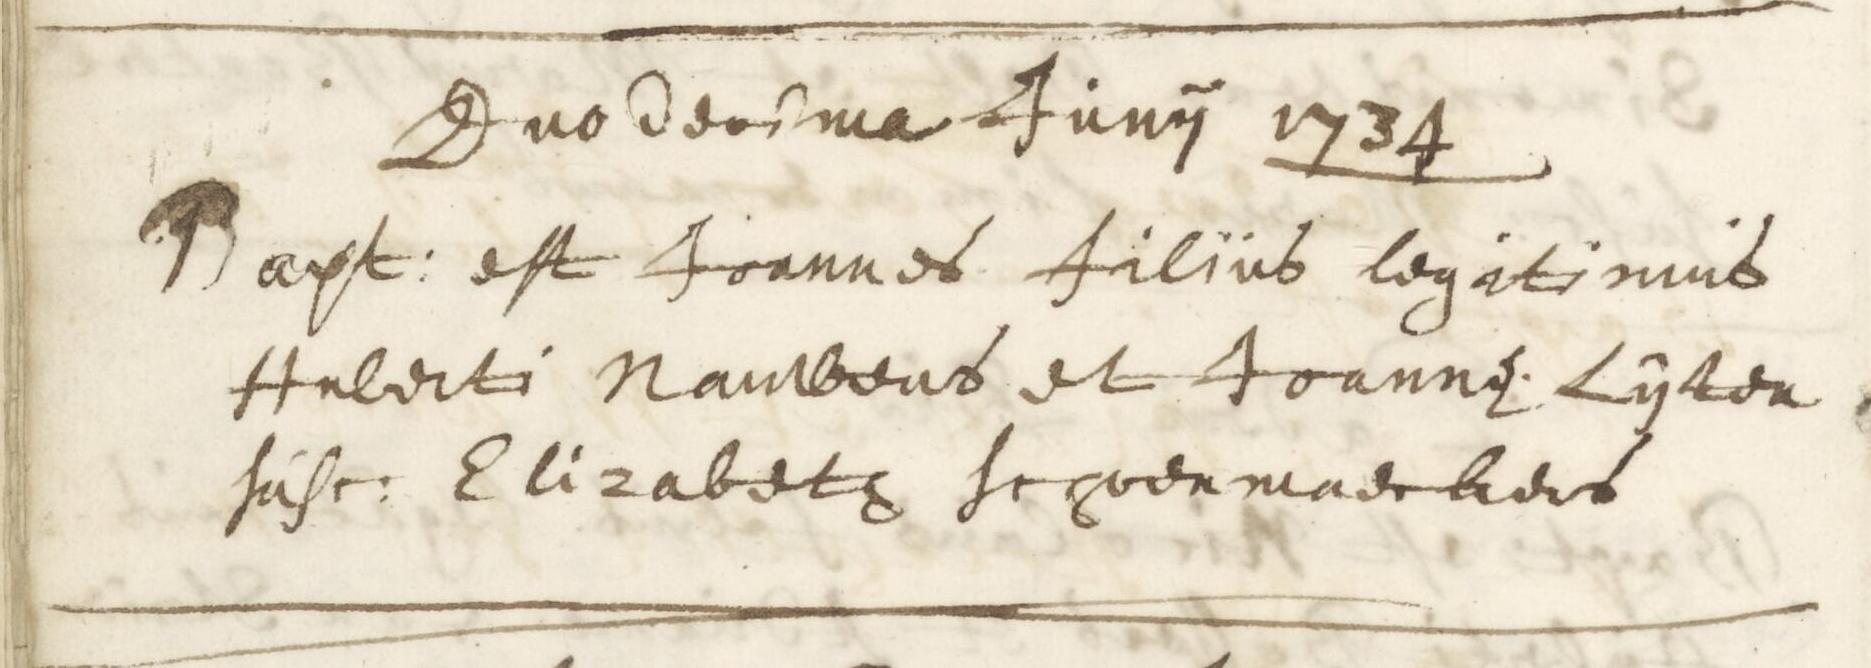 doop-johannes-nauwens-12-juni-1734